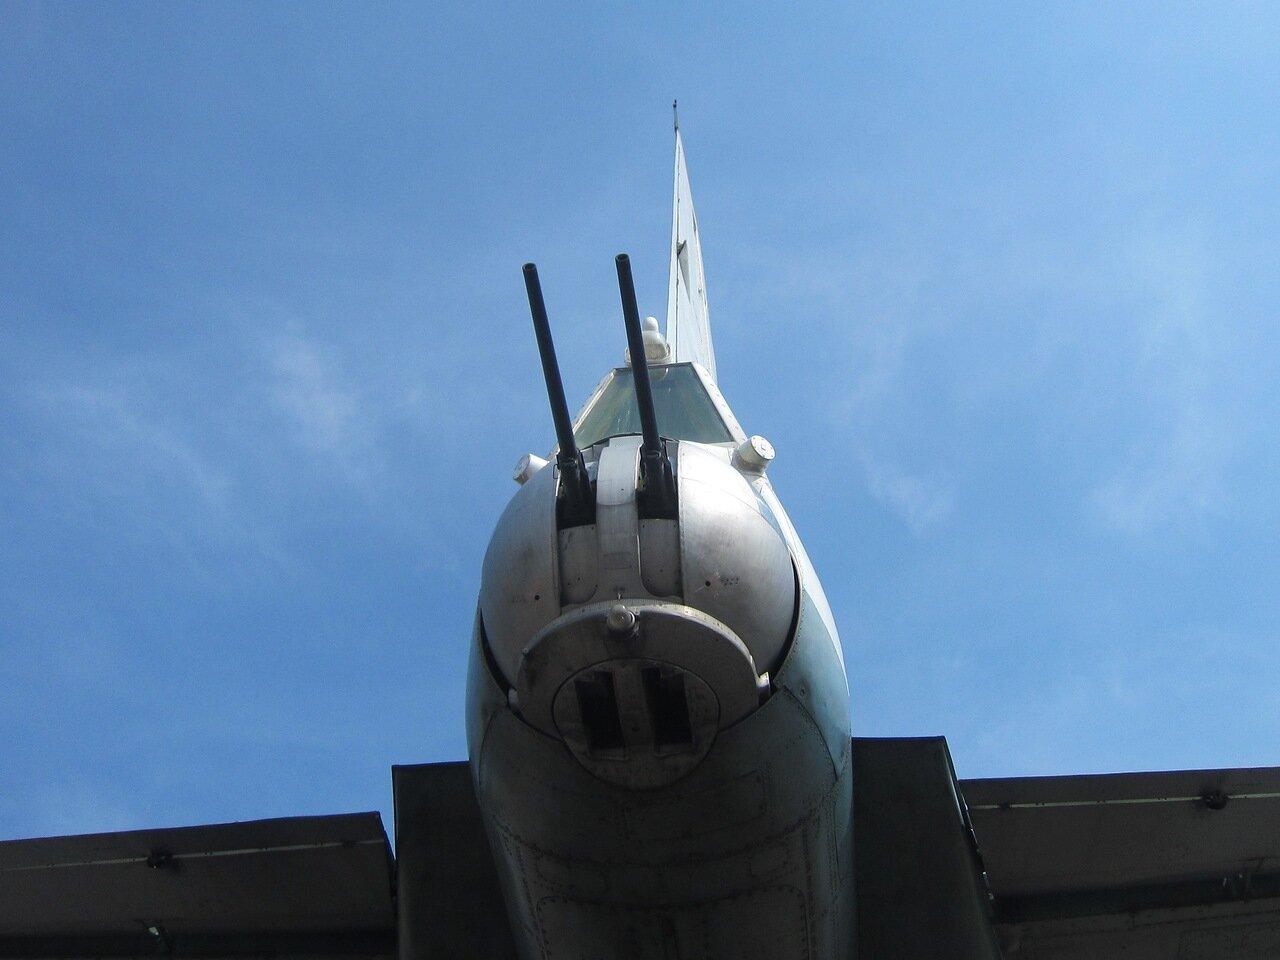 Установка защиты хвоста транспортного самолёта Ан-12 (15.08.2014)